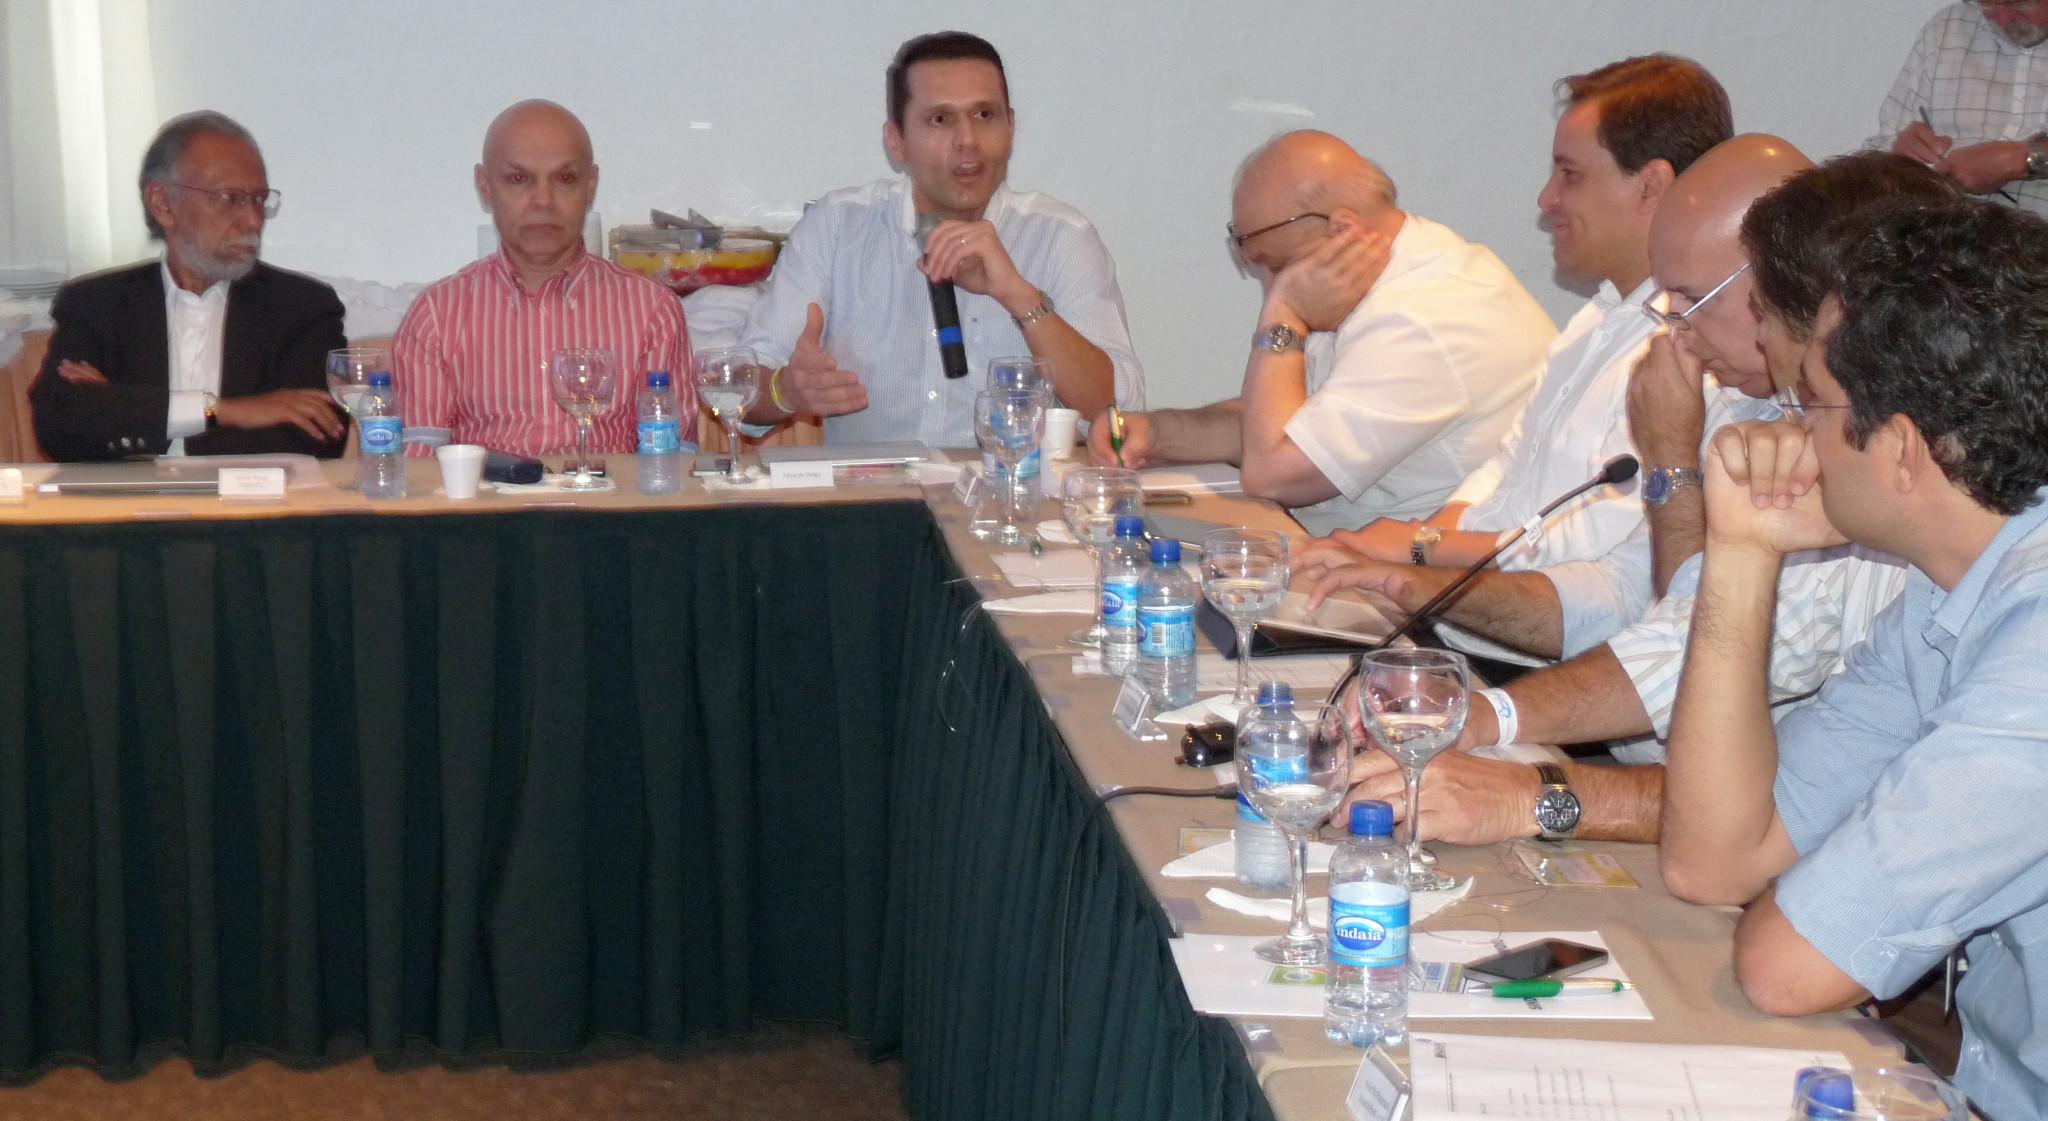 14-09-2012 - Reunião de Pensamentos  Estratégicos Sindepat - Oceani Beach Park Resort (3)